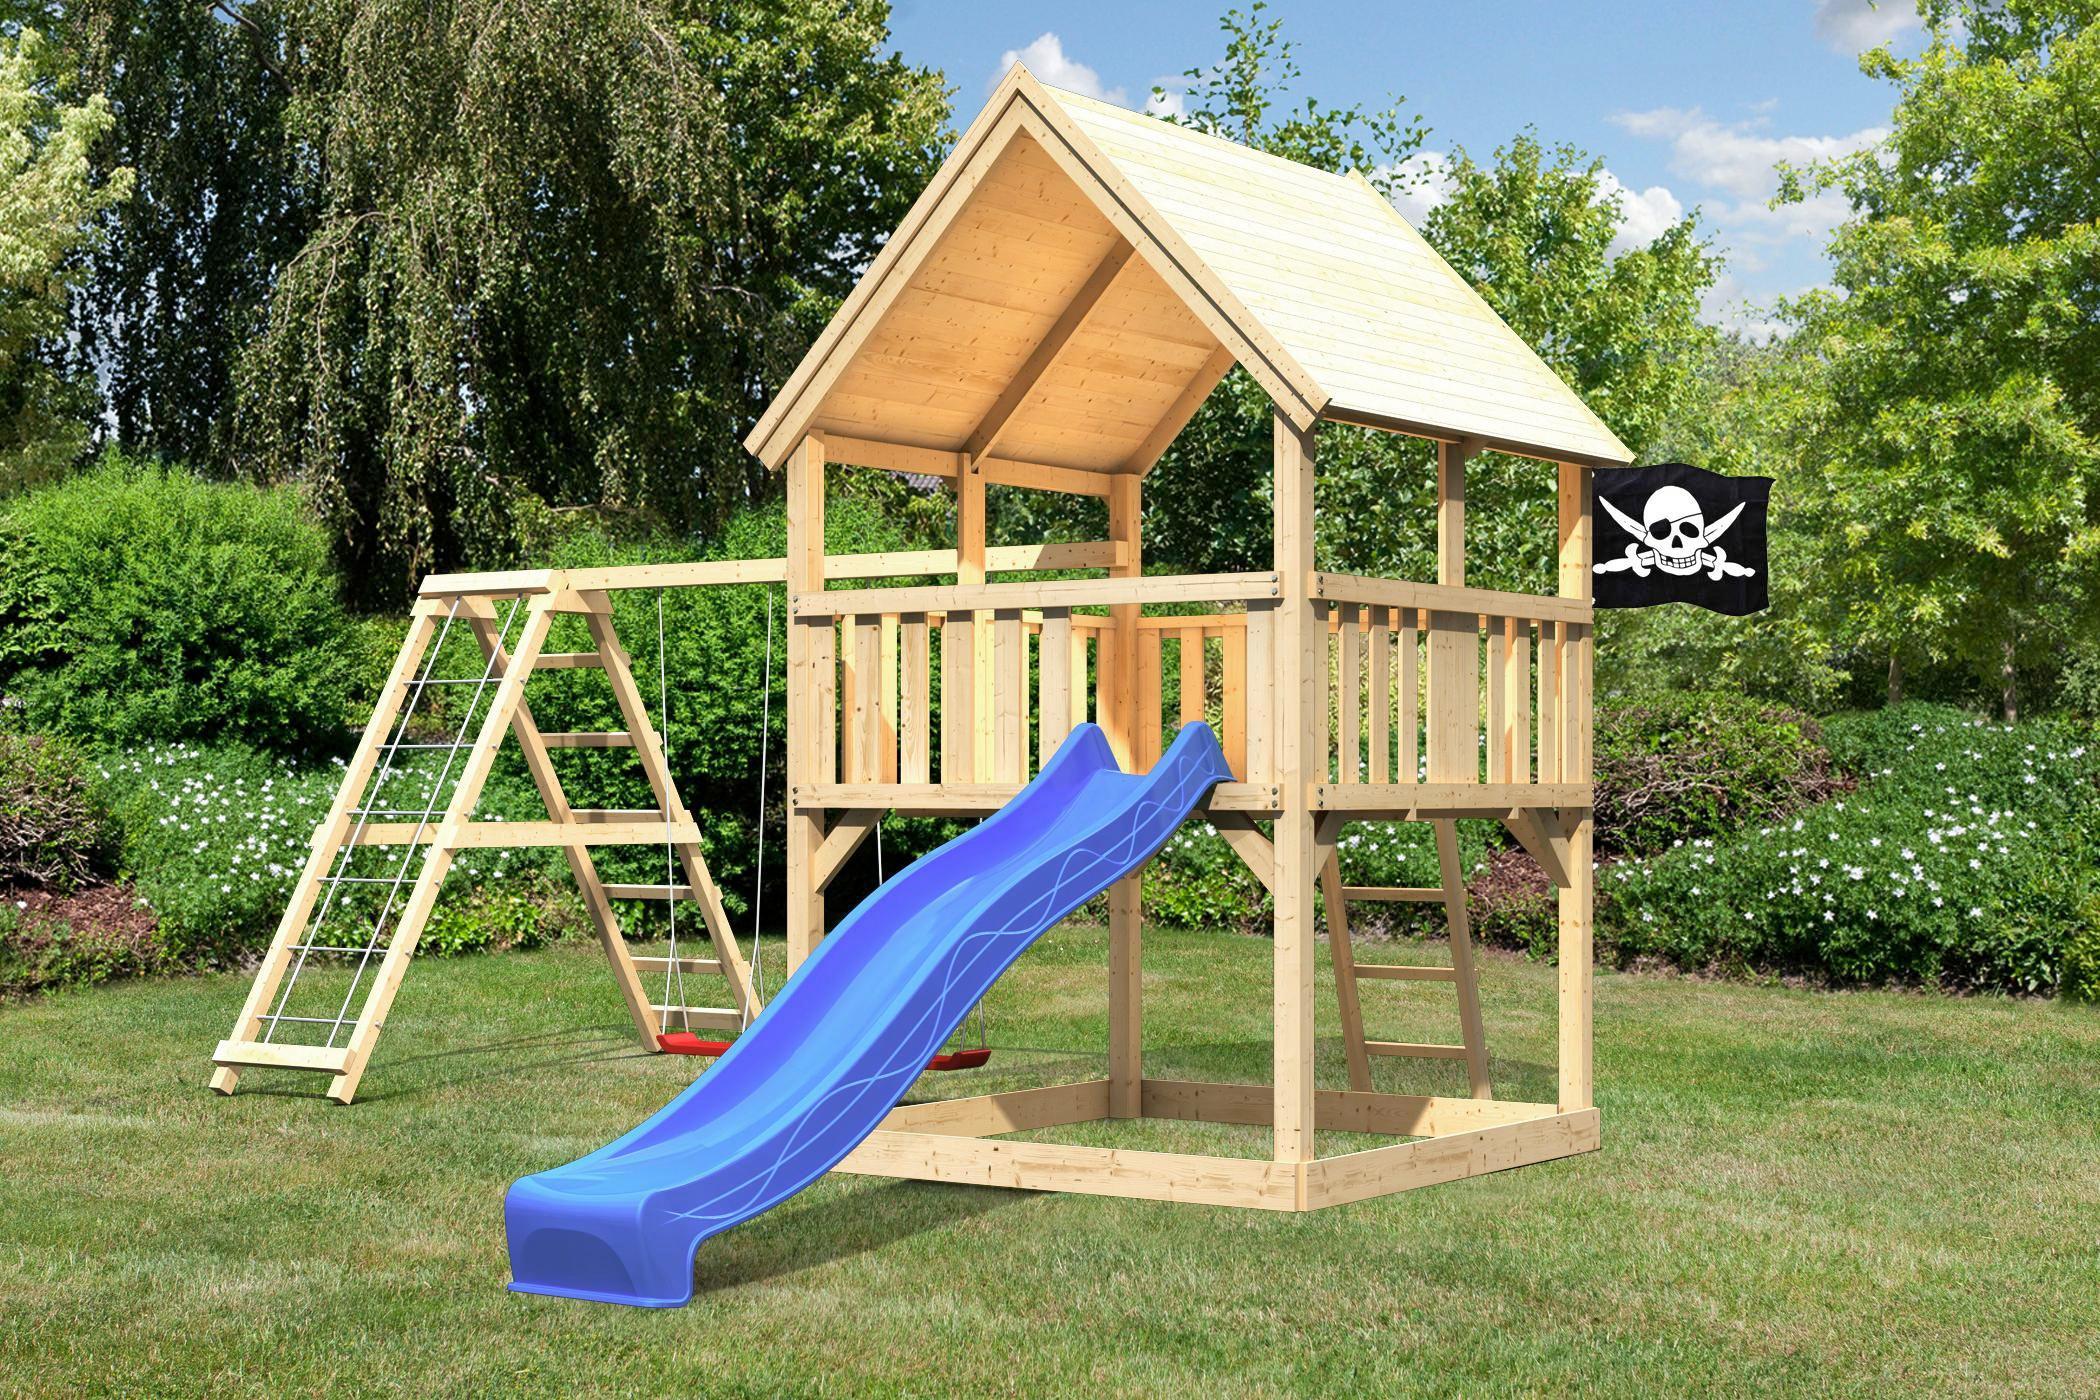 Artikel für Spiel & Spaß im Garten online kaufen | Möbelix